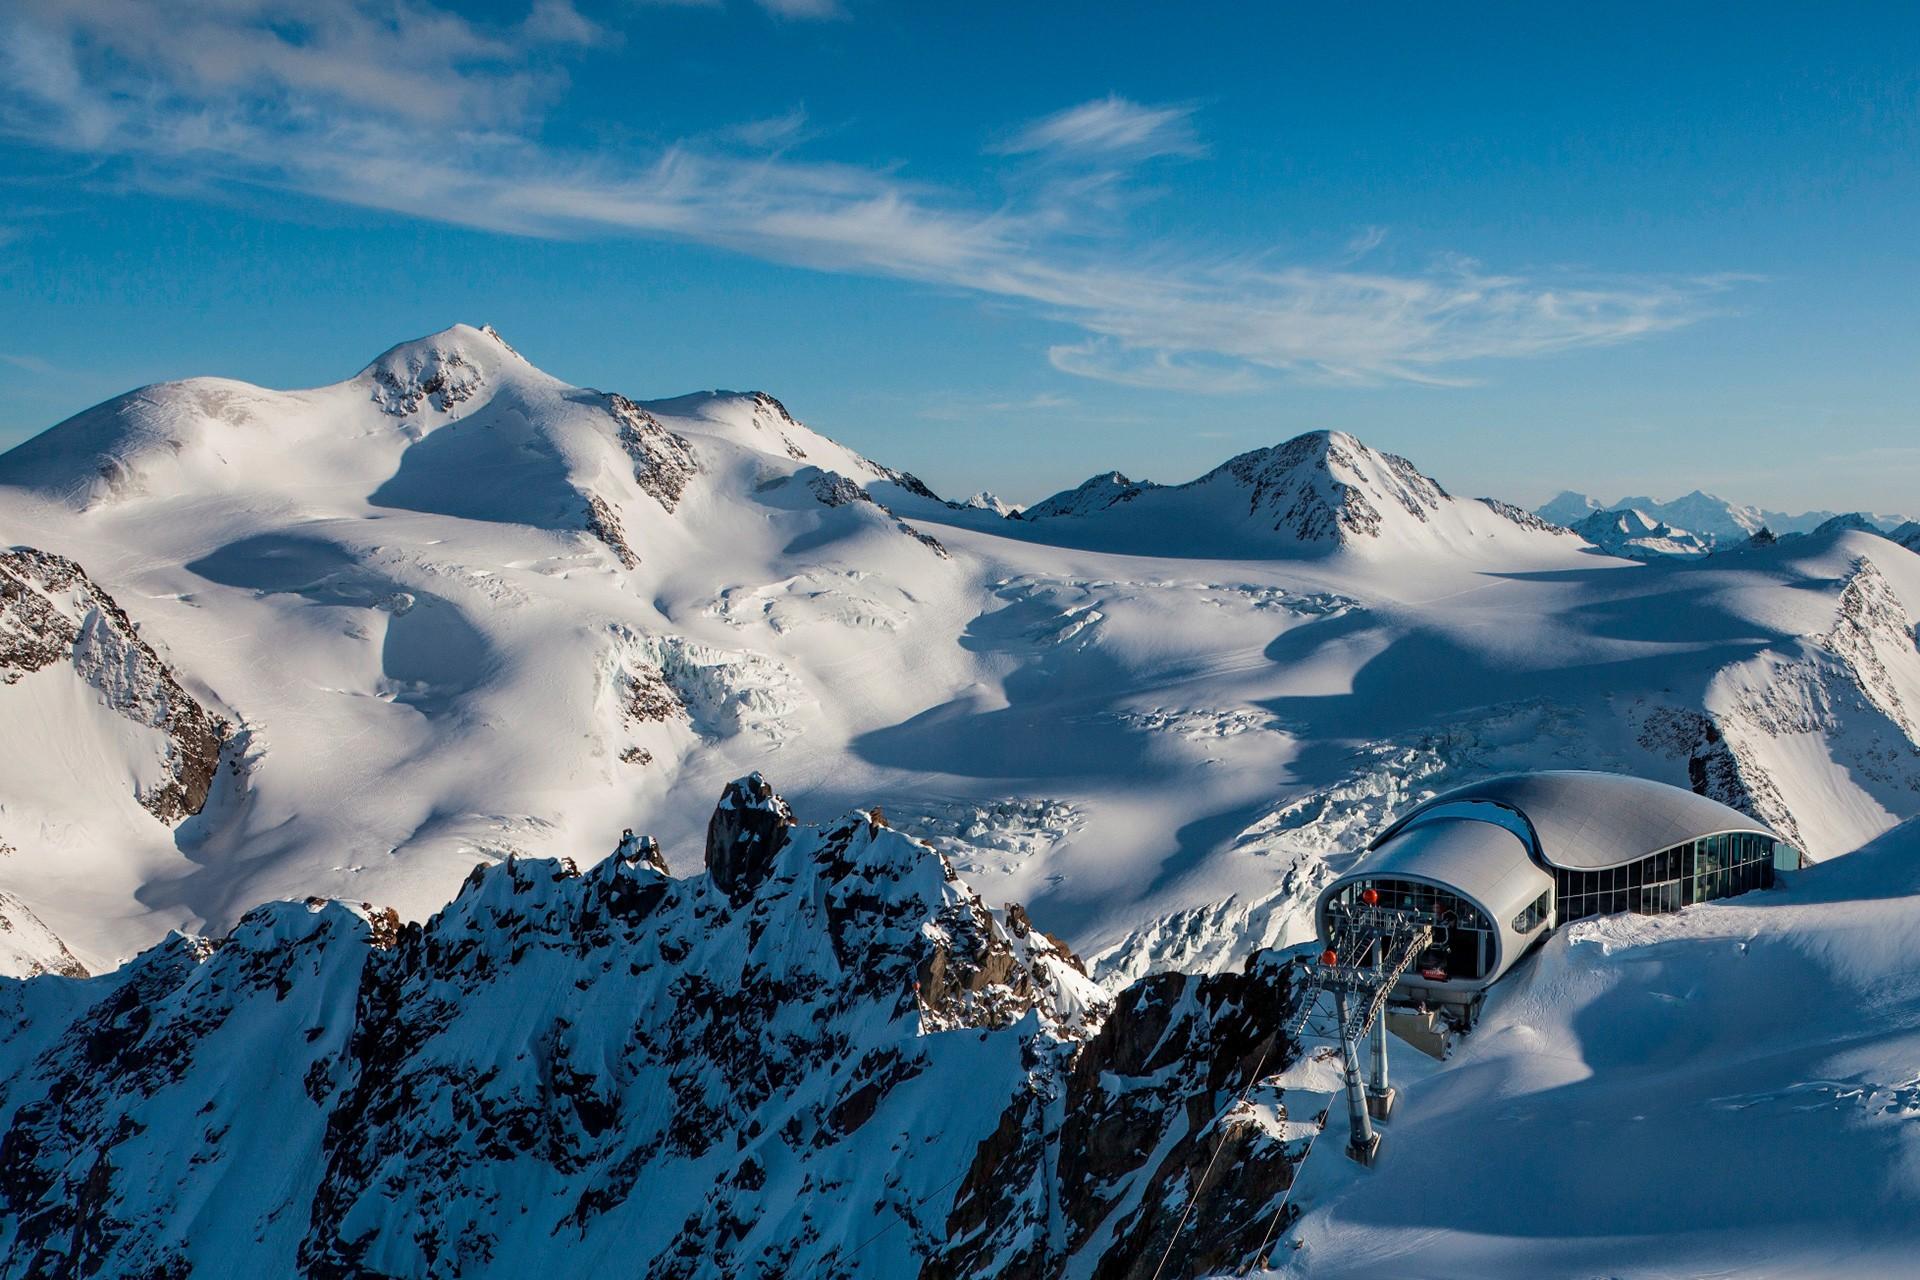 Wildspitzbahn mit Blick zur Wildspitze